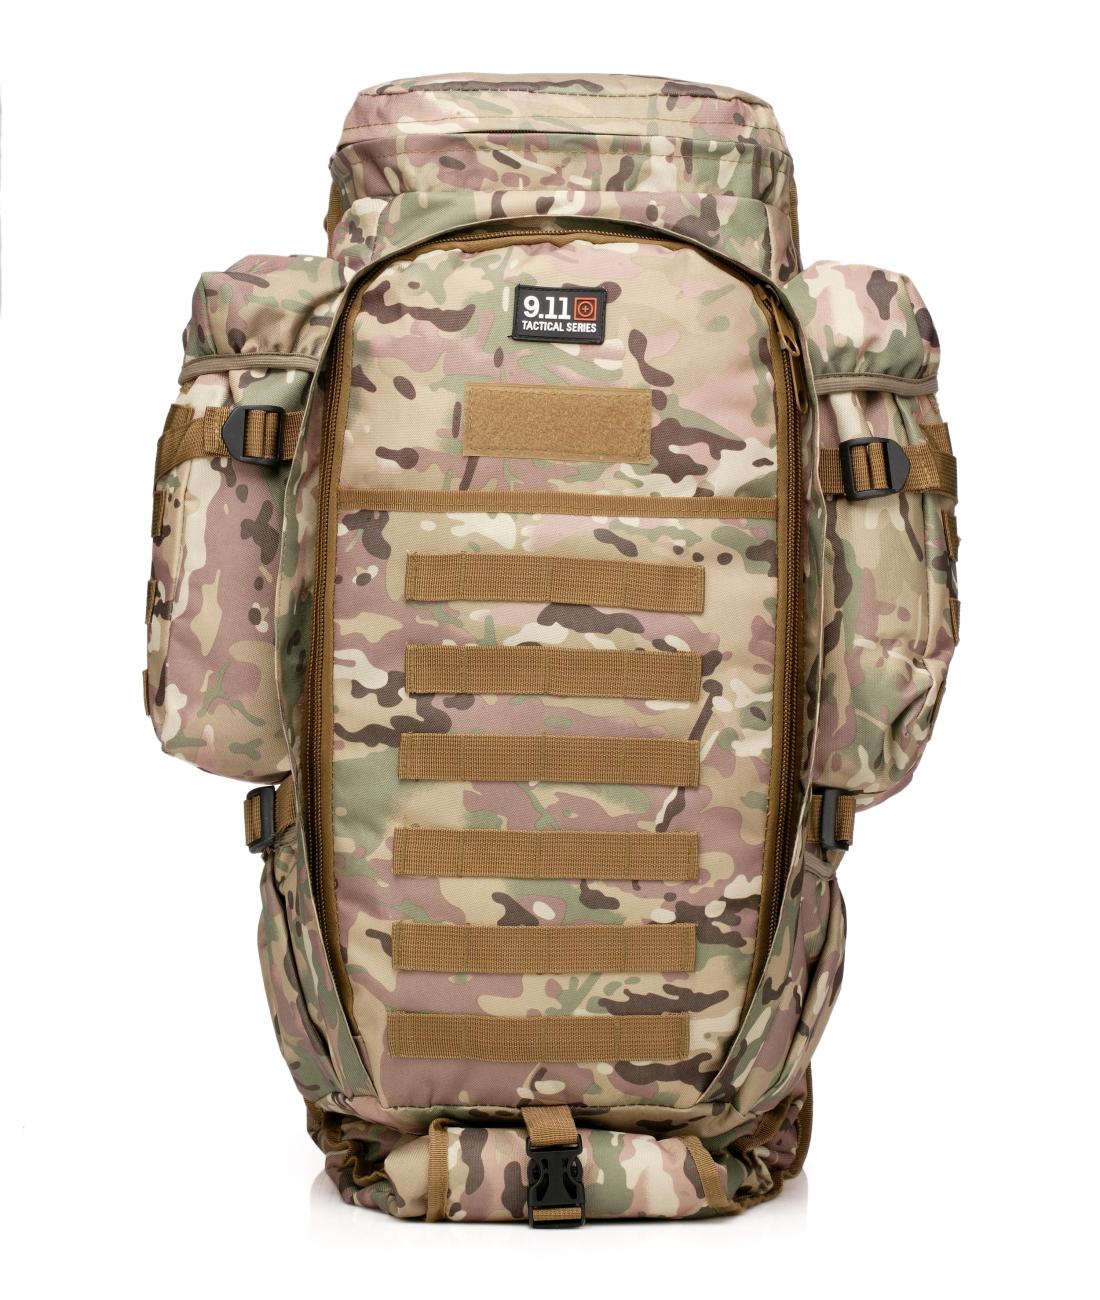 Вместительный рюкзак 9.11 с отделением под карабин по лучшей цене